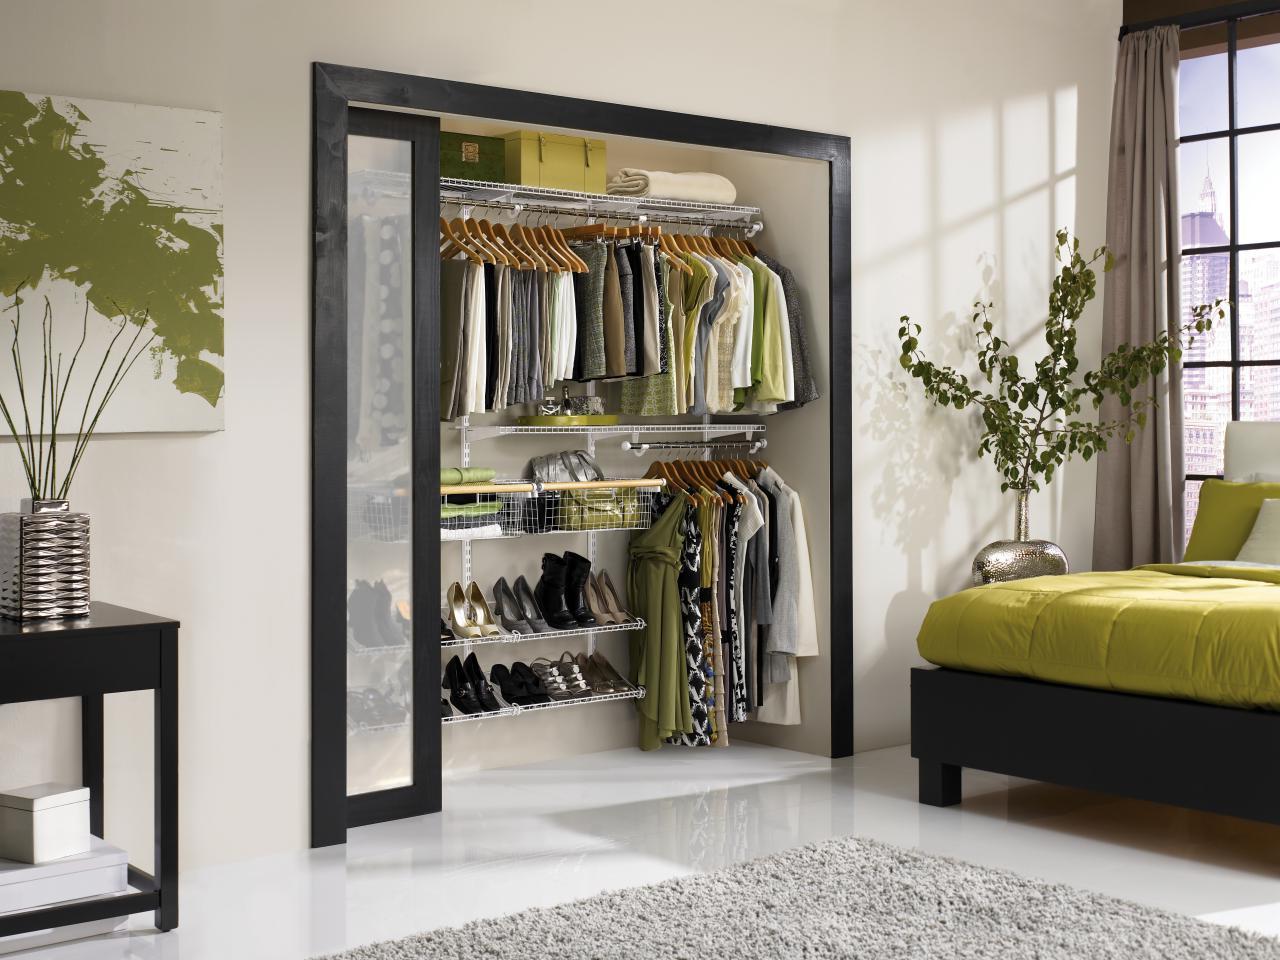 Ordnung Im Schicken Design 60 Regalsysteme Fur Kleiderschranke Garderoben Flurmobel Mobel Zenideen